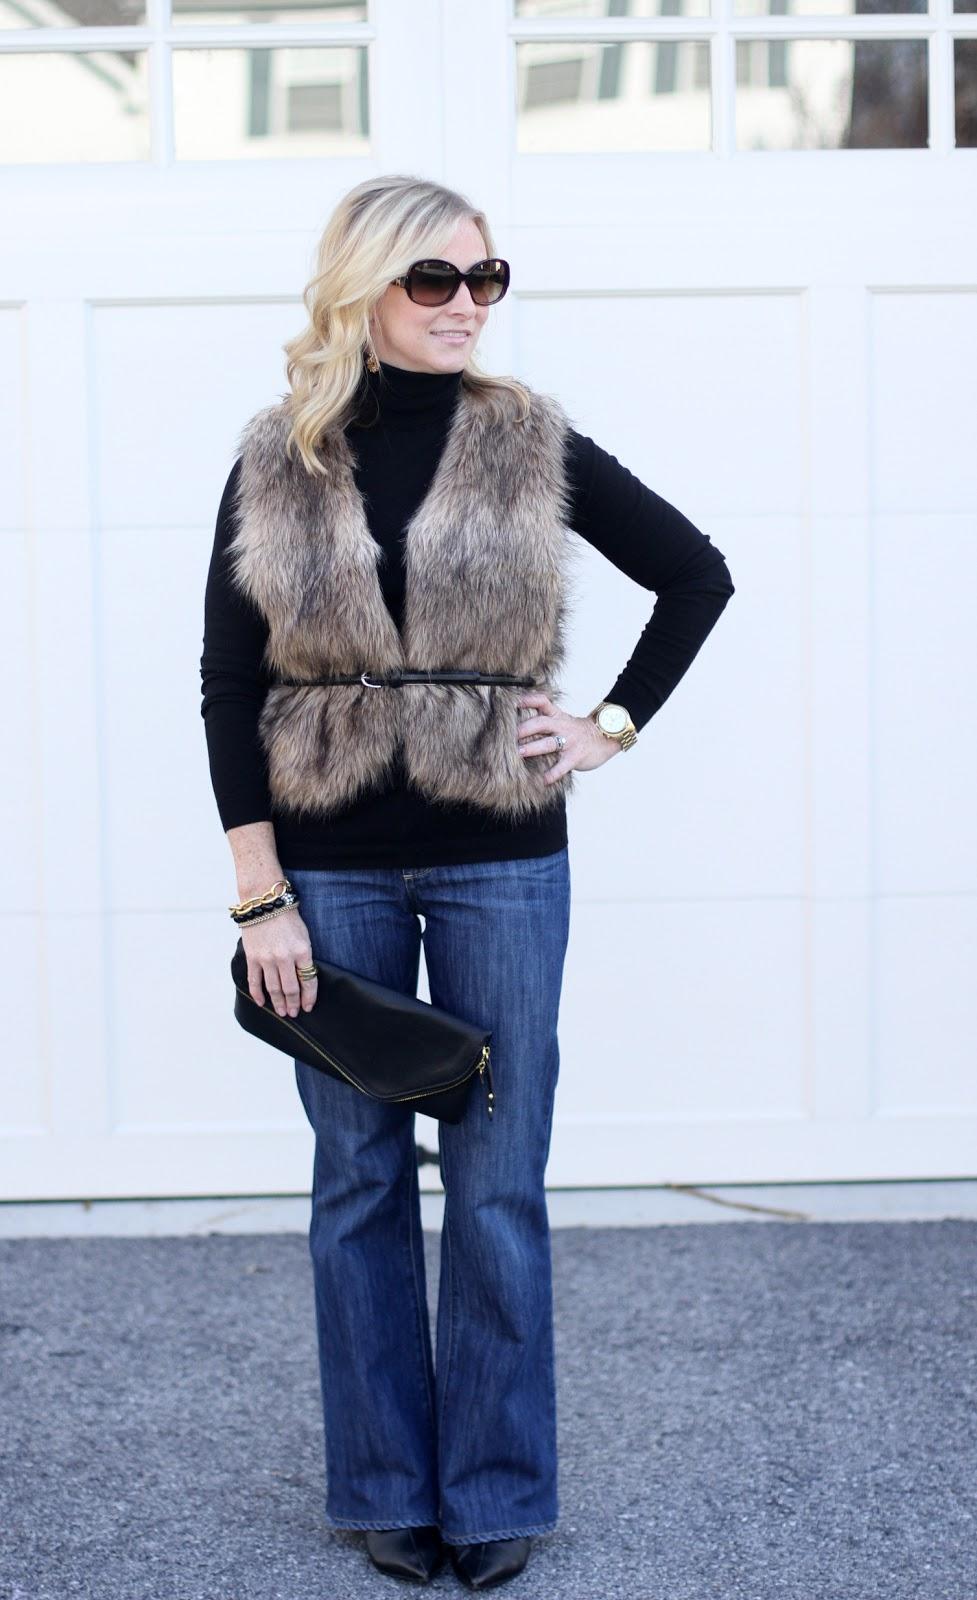 Fur vest, Prada, Paige Denium, Urban Expressions